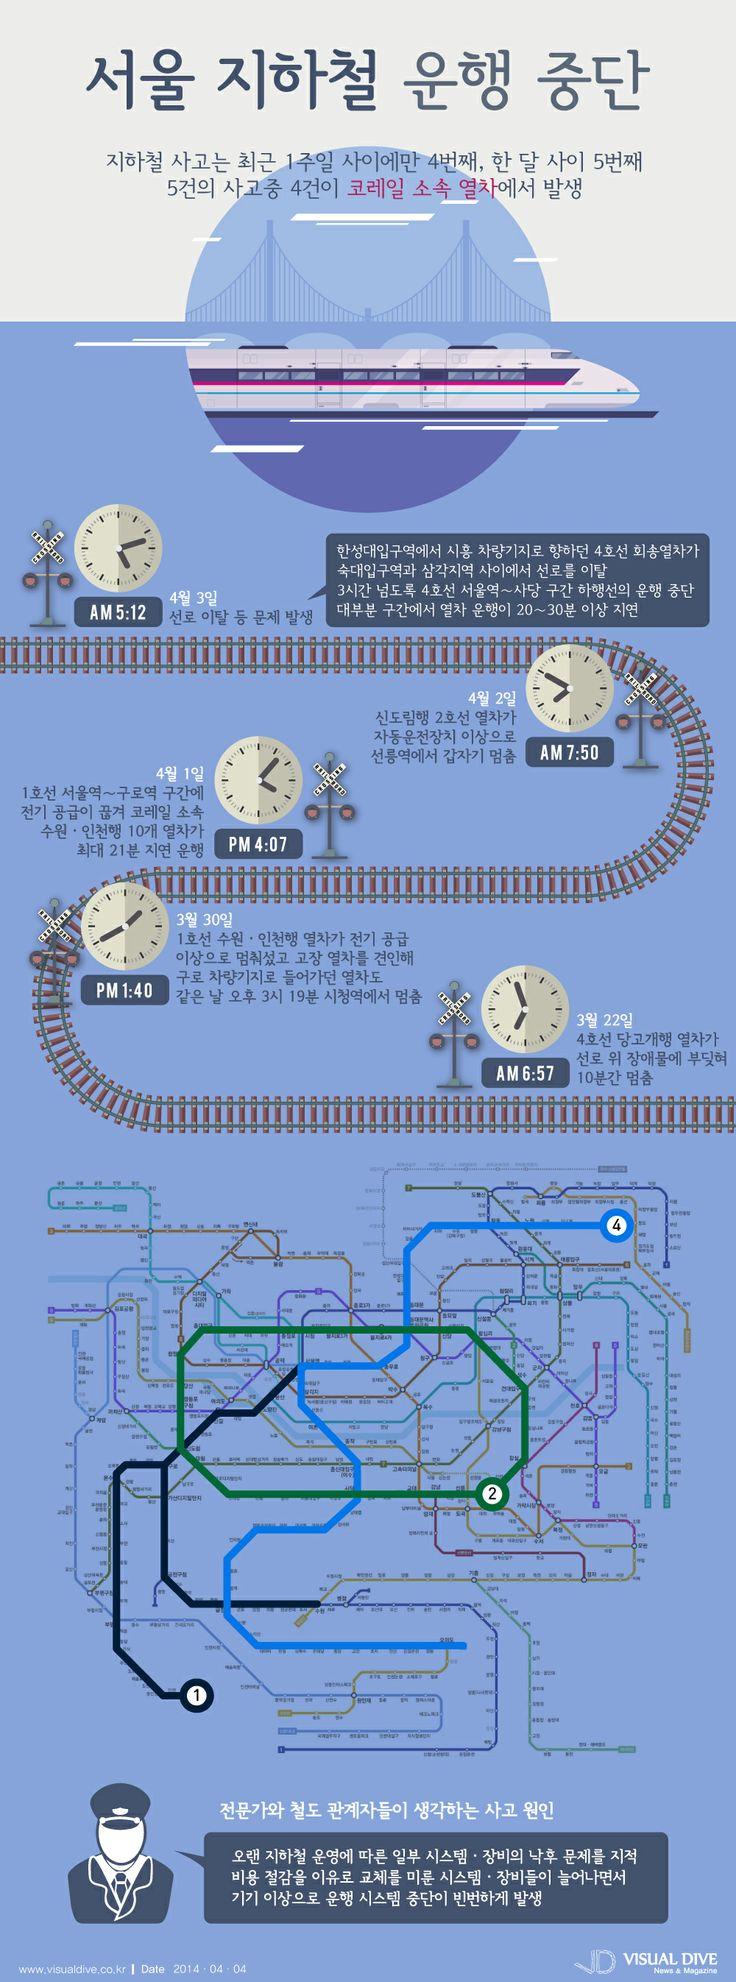 지하철 4호선 탈선…잇따르는 지하철 사고 원인은? [인포그래픽] #metro #Infographic ⓒ 비주얼다이브 무단 복사·전재·재배포